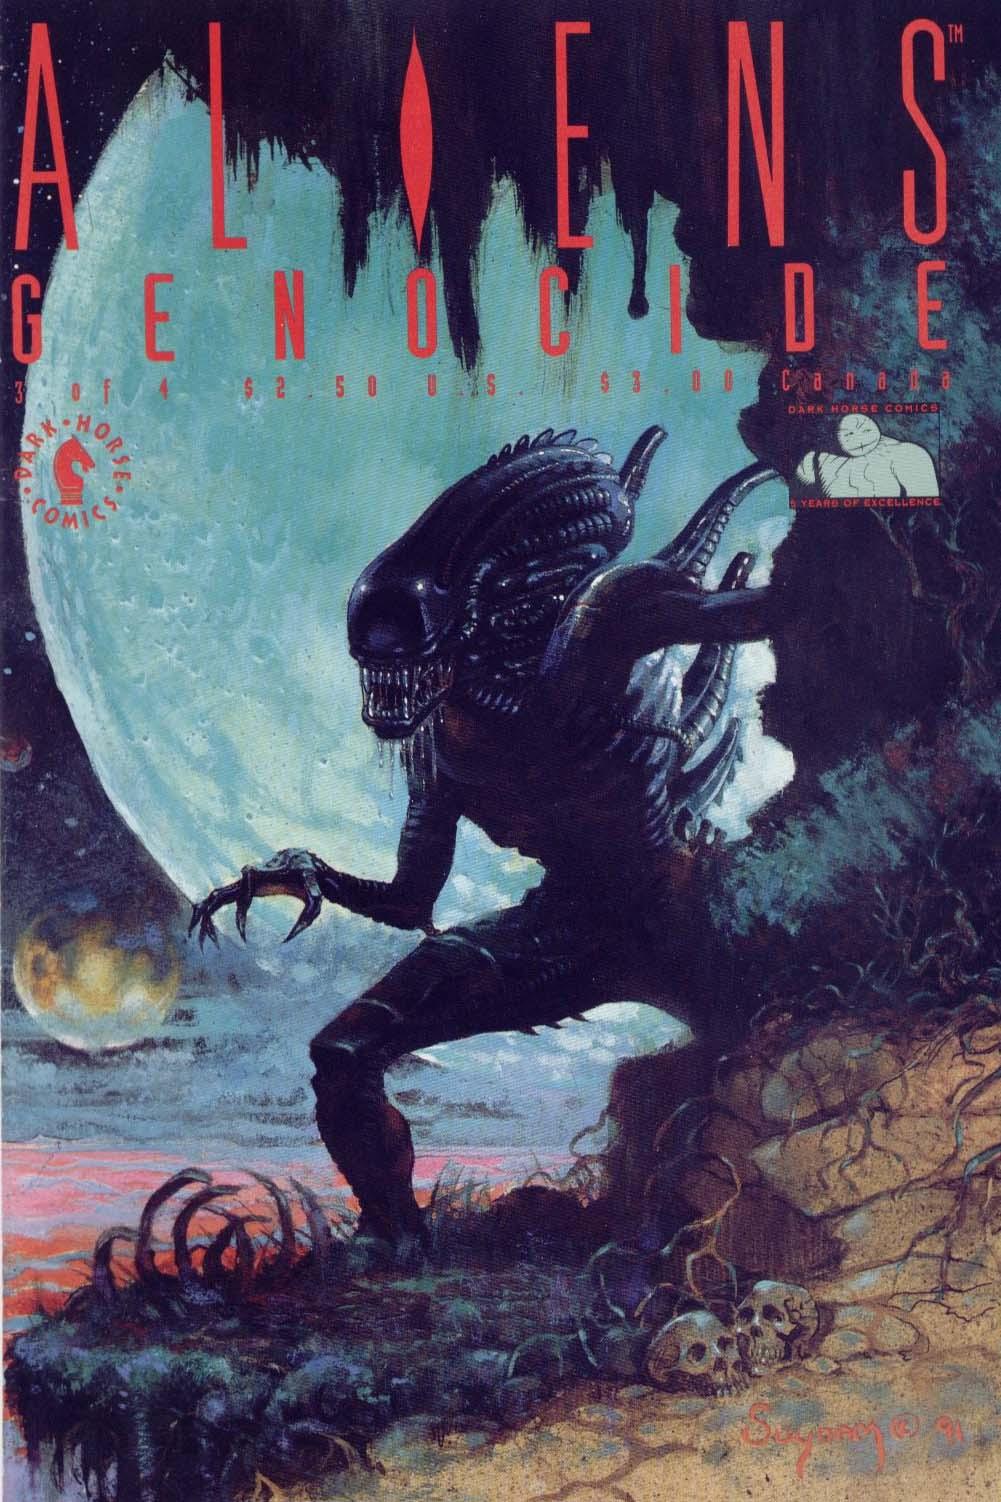 File:367315-21237-128534-1-aliens-genocide 3.jpg